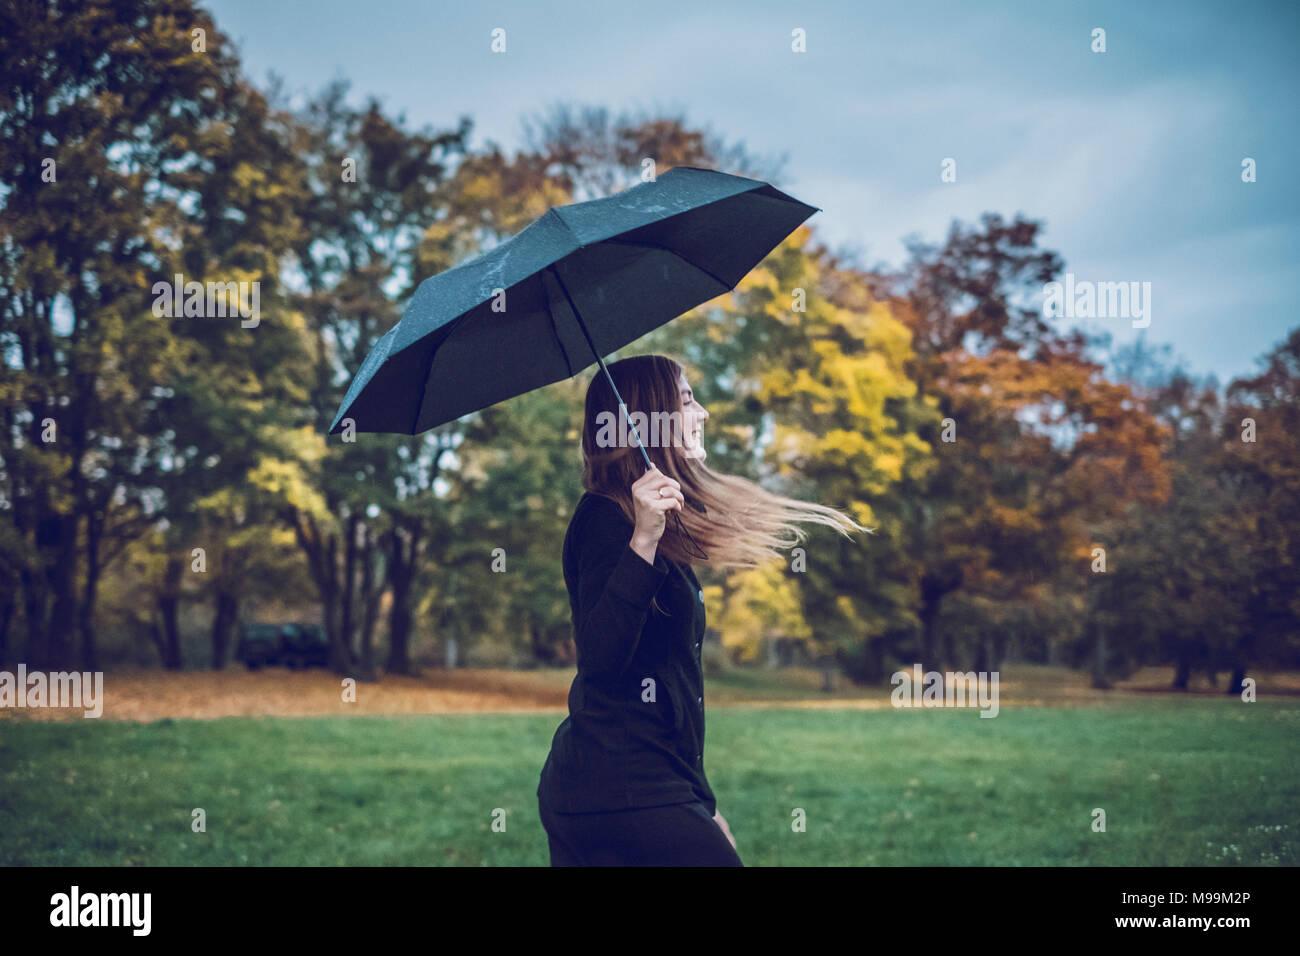 Glückliche junge Frau mit Schirm wandern in herbstlichen Park Stockbild